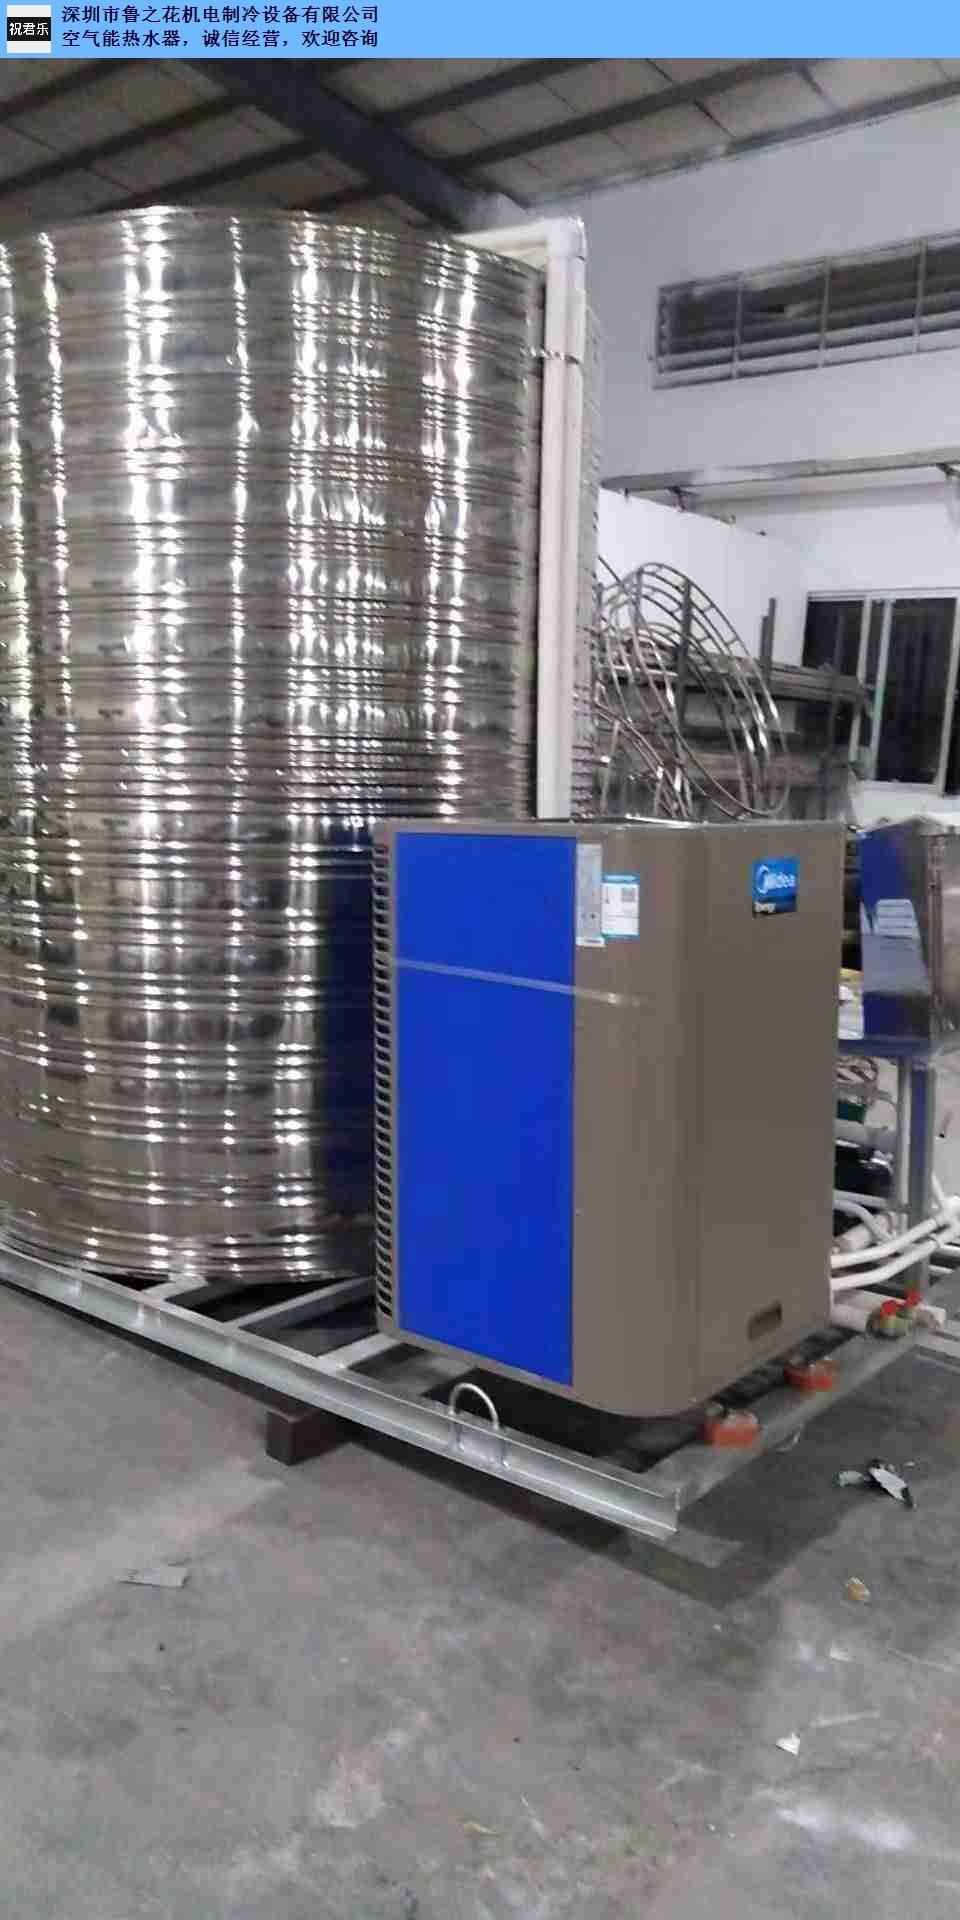 肇庆正宗空气能热水器源头好货,空气能热水器